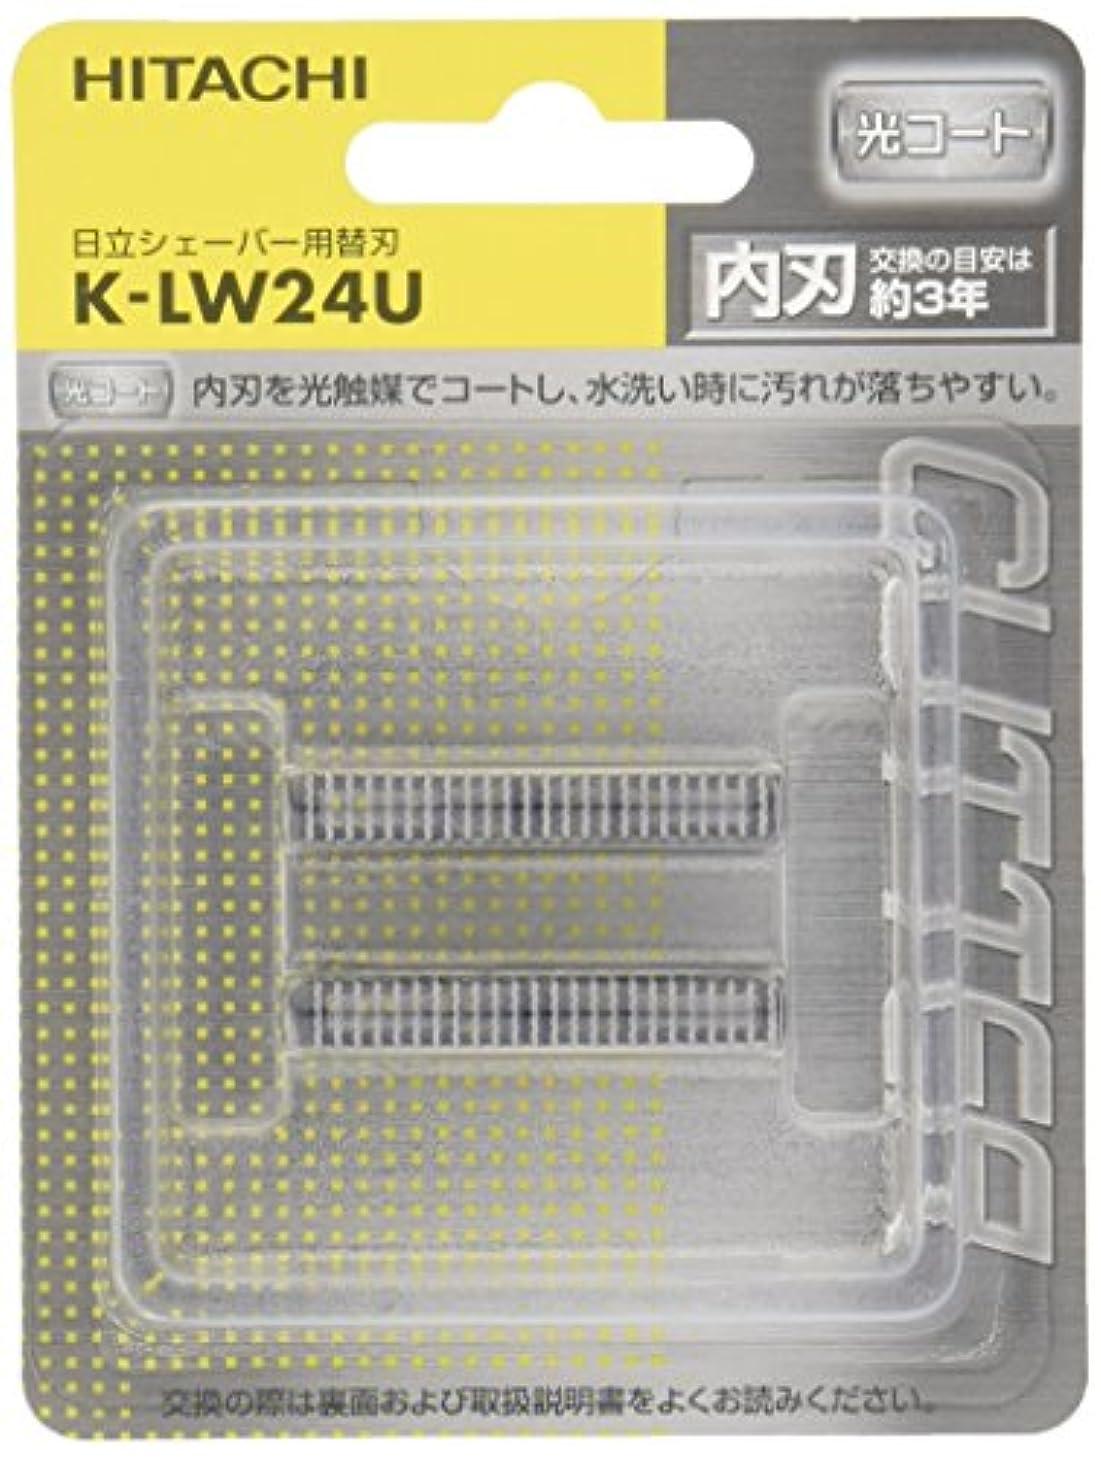 おいしい入場料ジュース日立 メンズシェーバー用替刃 K-LW24U